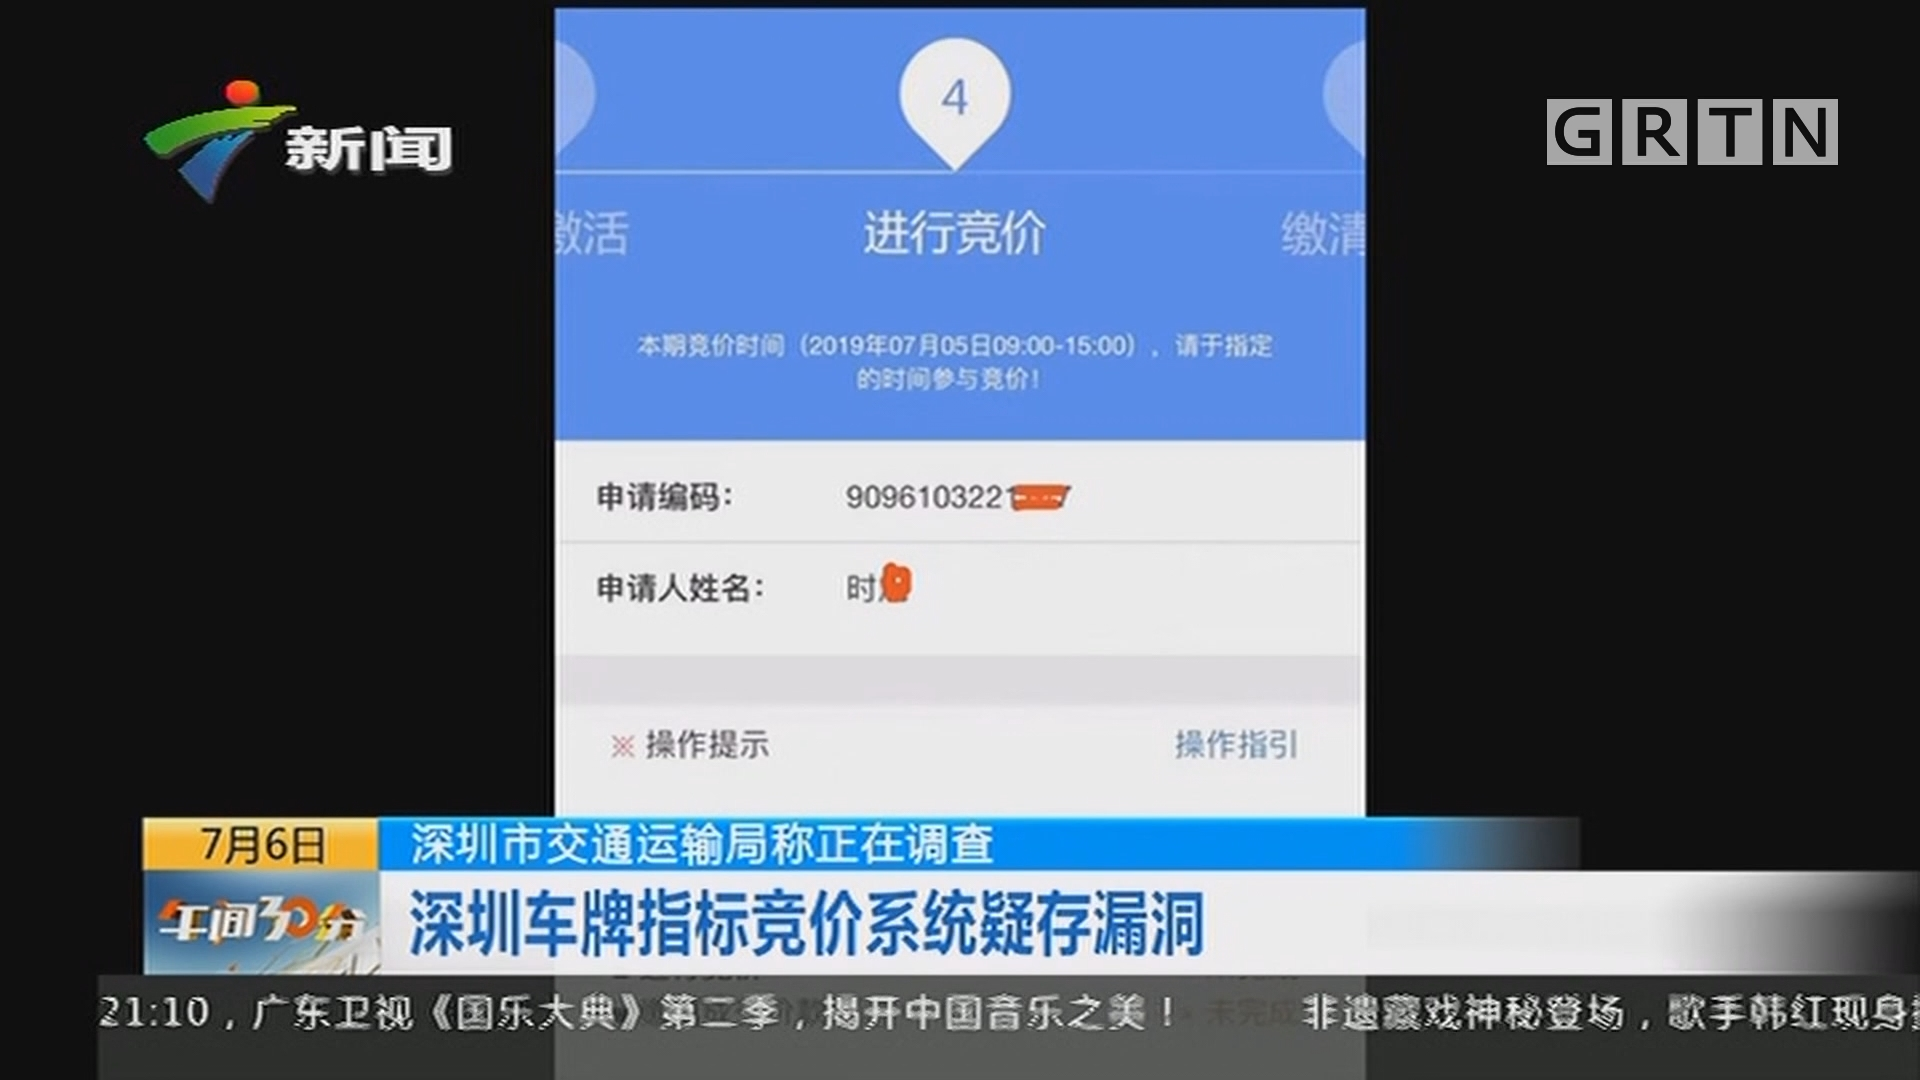 深圳市交通运输局称正在调查 深圳车牌指标竞价系统疑存漏洞